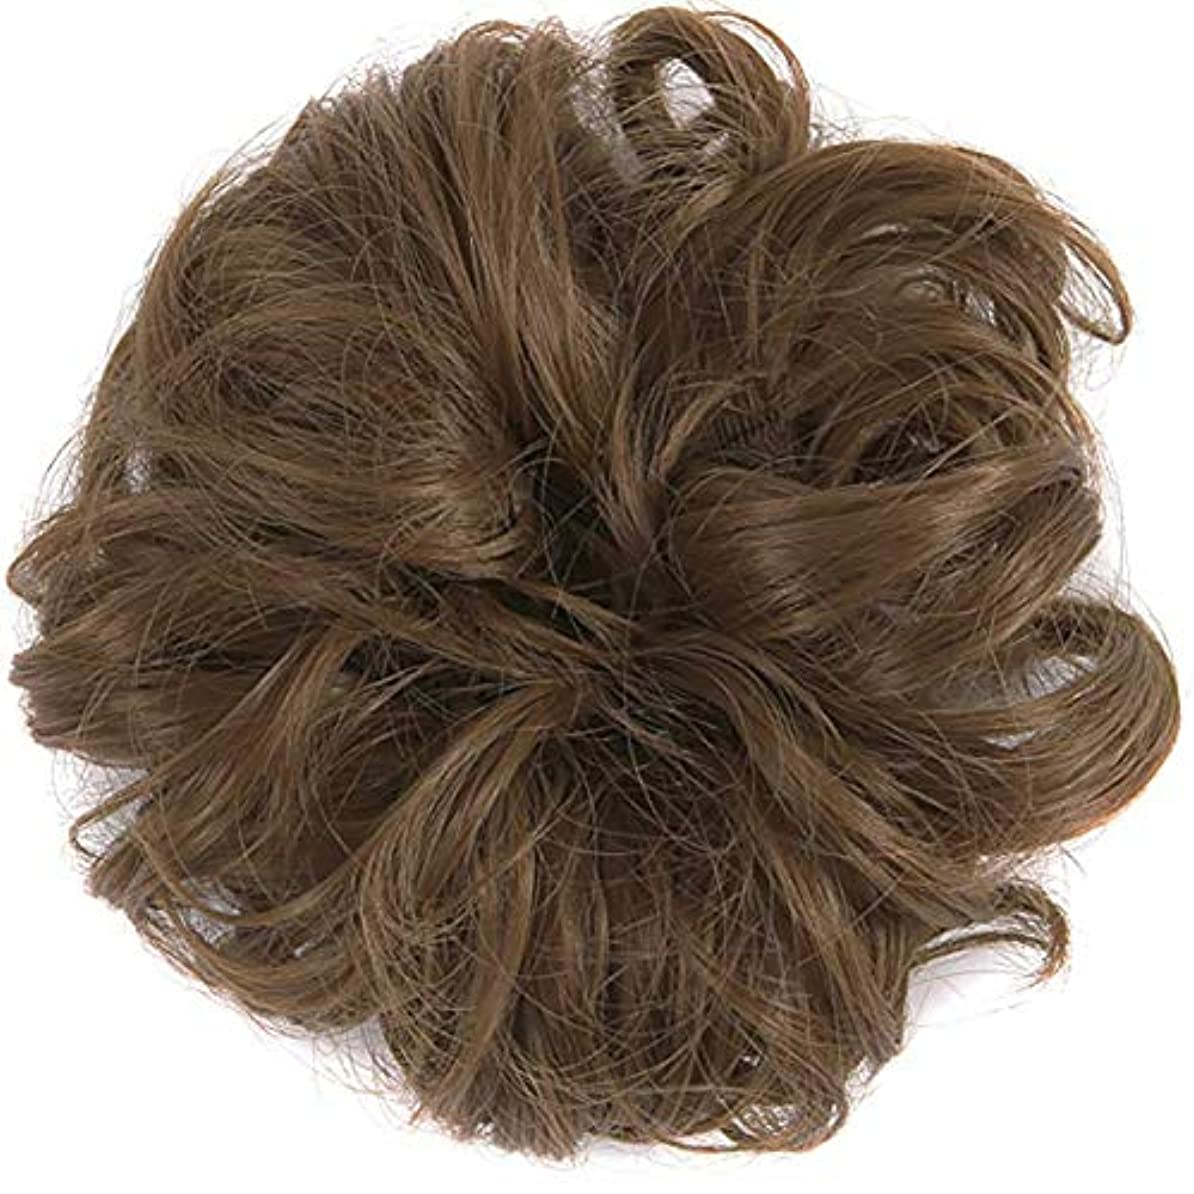 アクセス中央値無テープループバンズバンズの女性と少女汚い波状ヘアエクステンションの毛のかつらは、かつら(ライトブラウン)ポニーテール